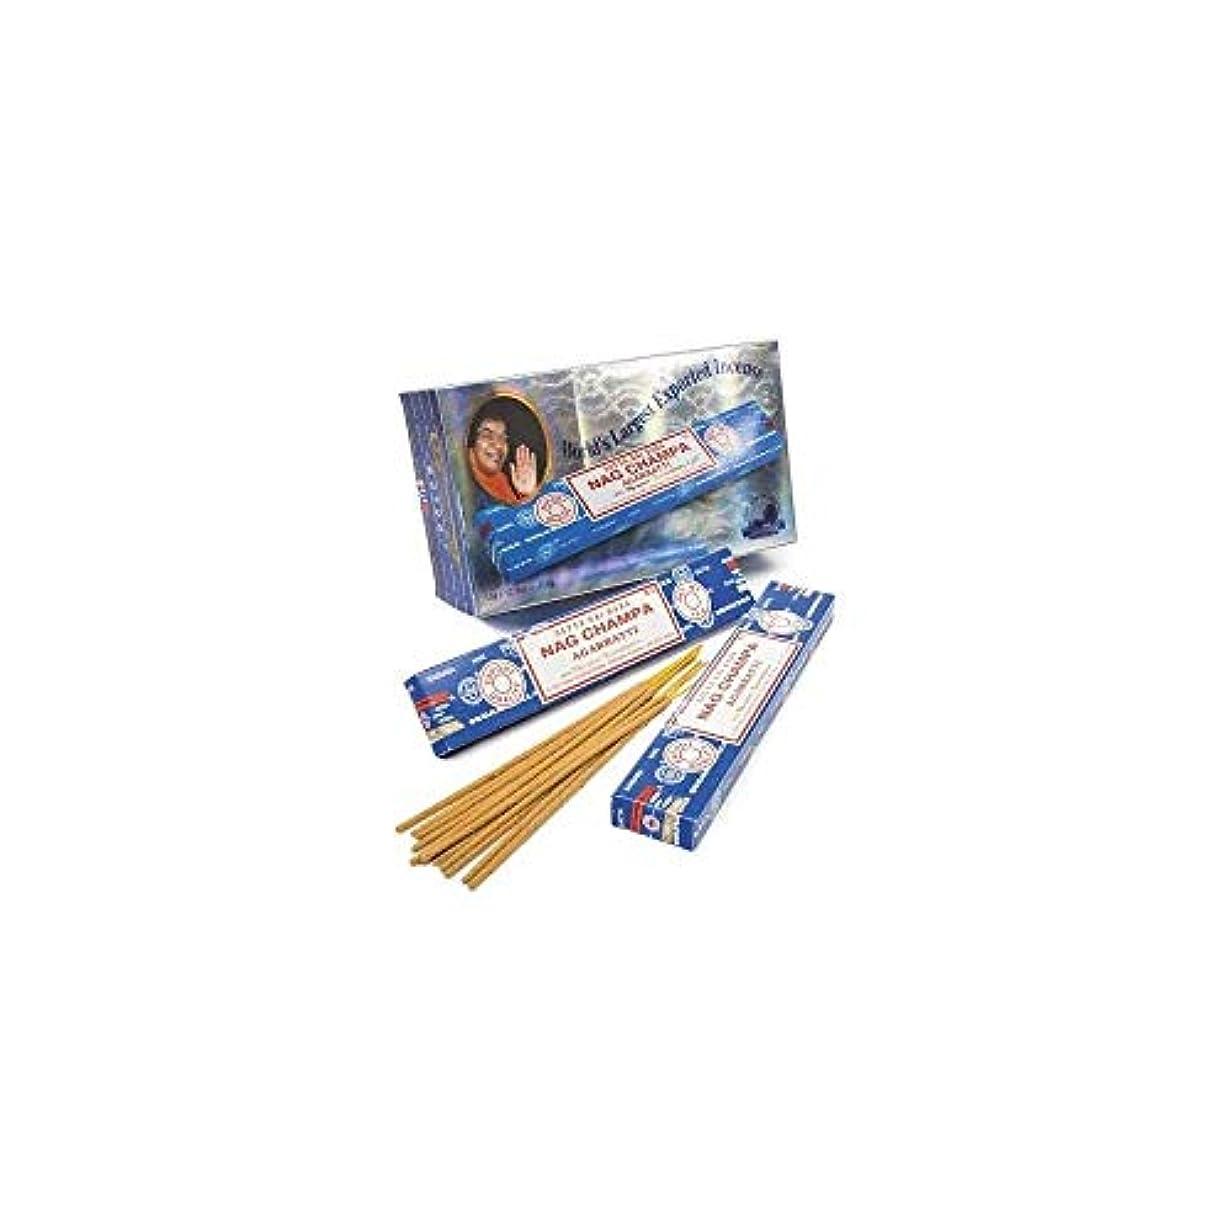 流産変更可能可愛いBox Of 12 Packs Of 15g Nag Champa Incense Sticks By Satya